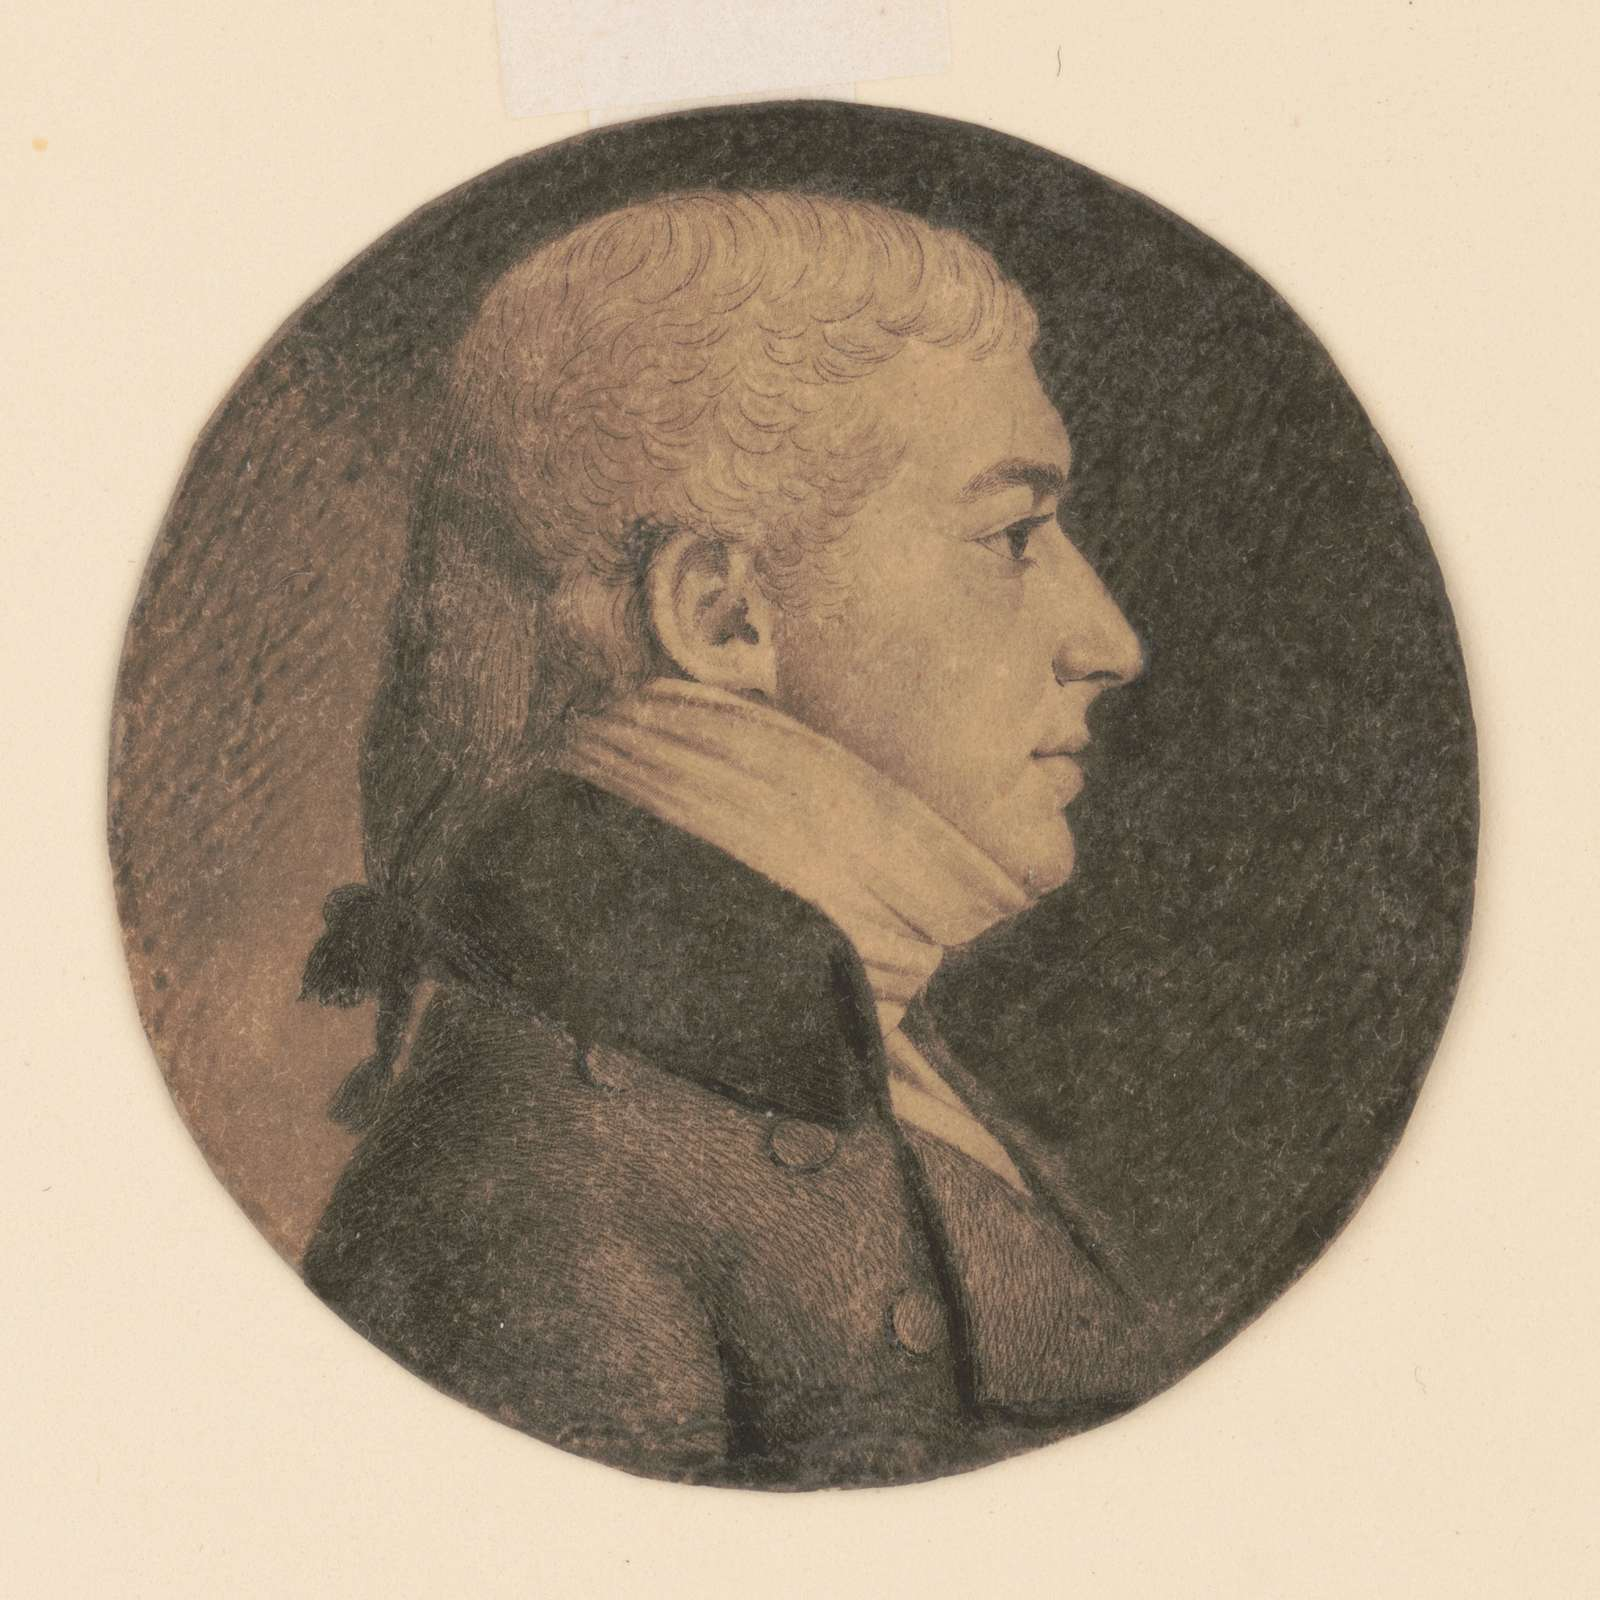 Pierre Françoise DuBourg, head-and-shoulders portrait, right profile